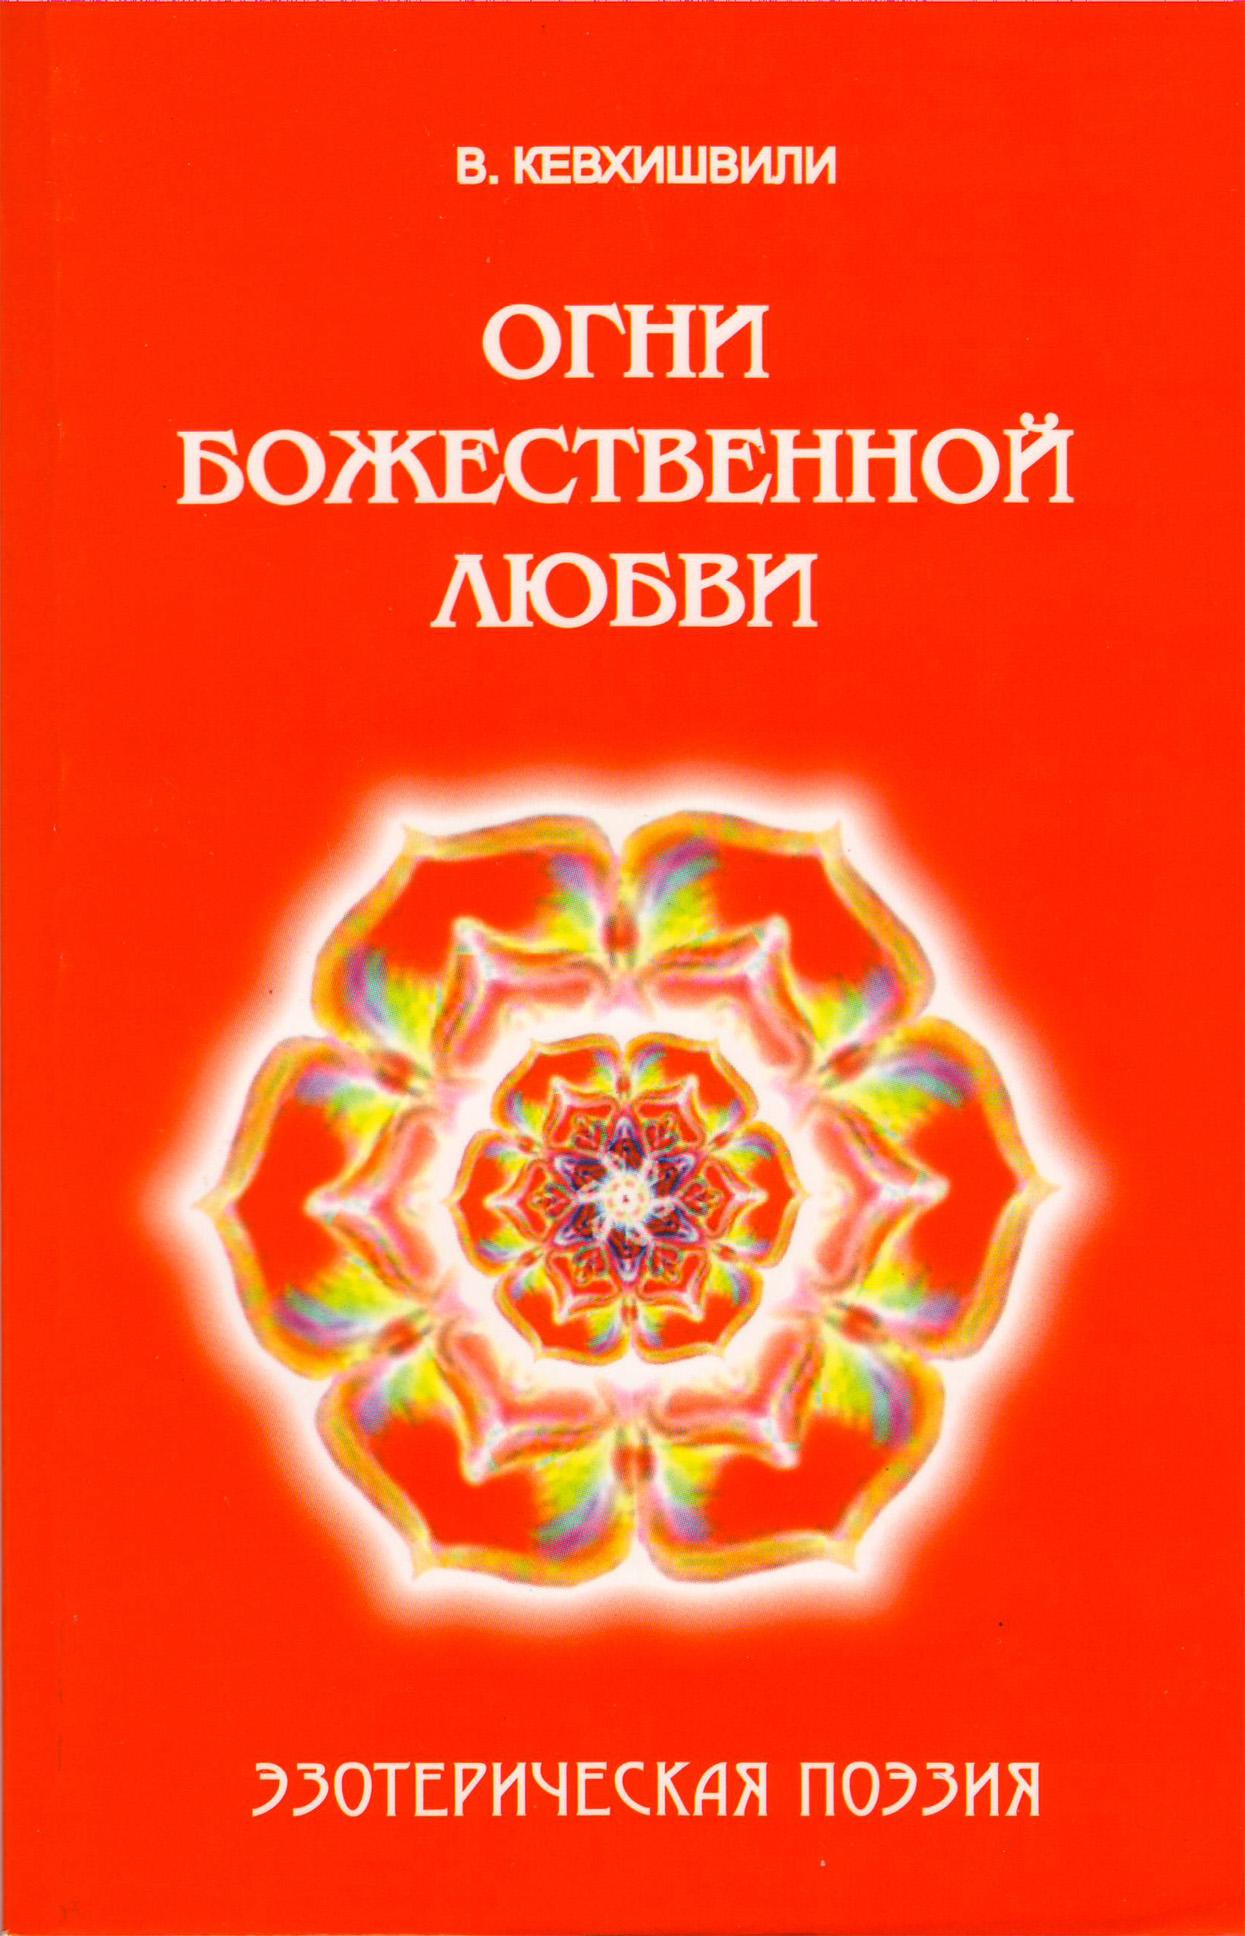 Владимир Кевхишвили Огни Божественной Любви. Эзотерическая поэзия владимир кевхишвили тайны тайн эзотерическая поэзия